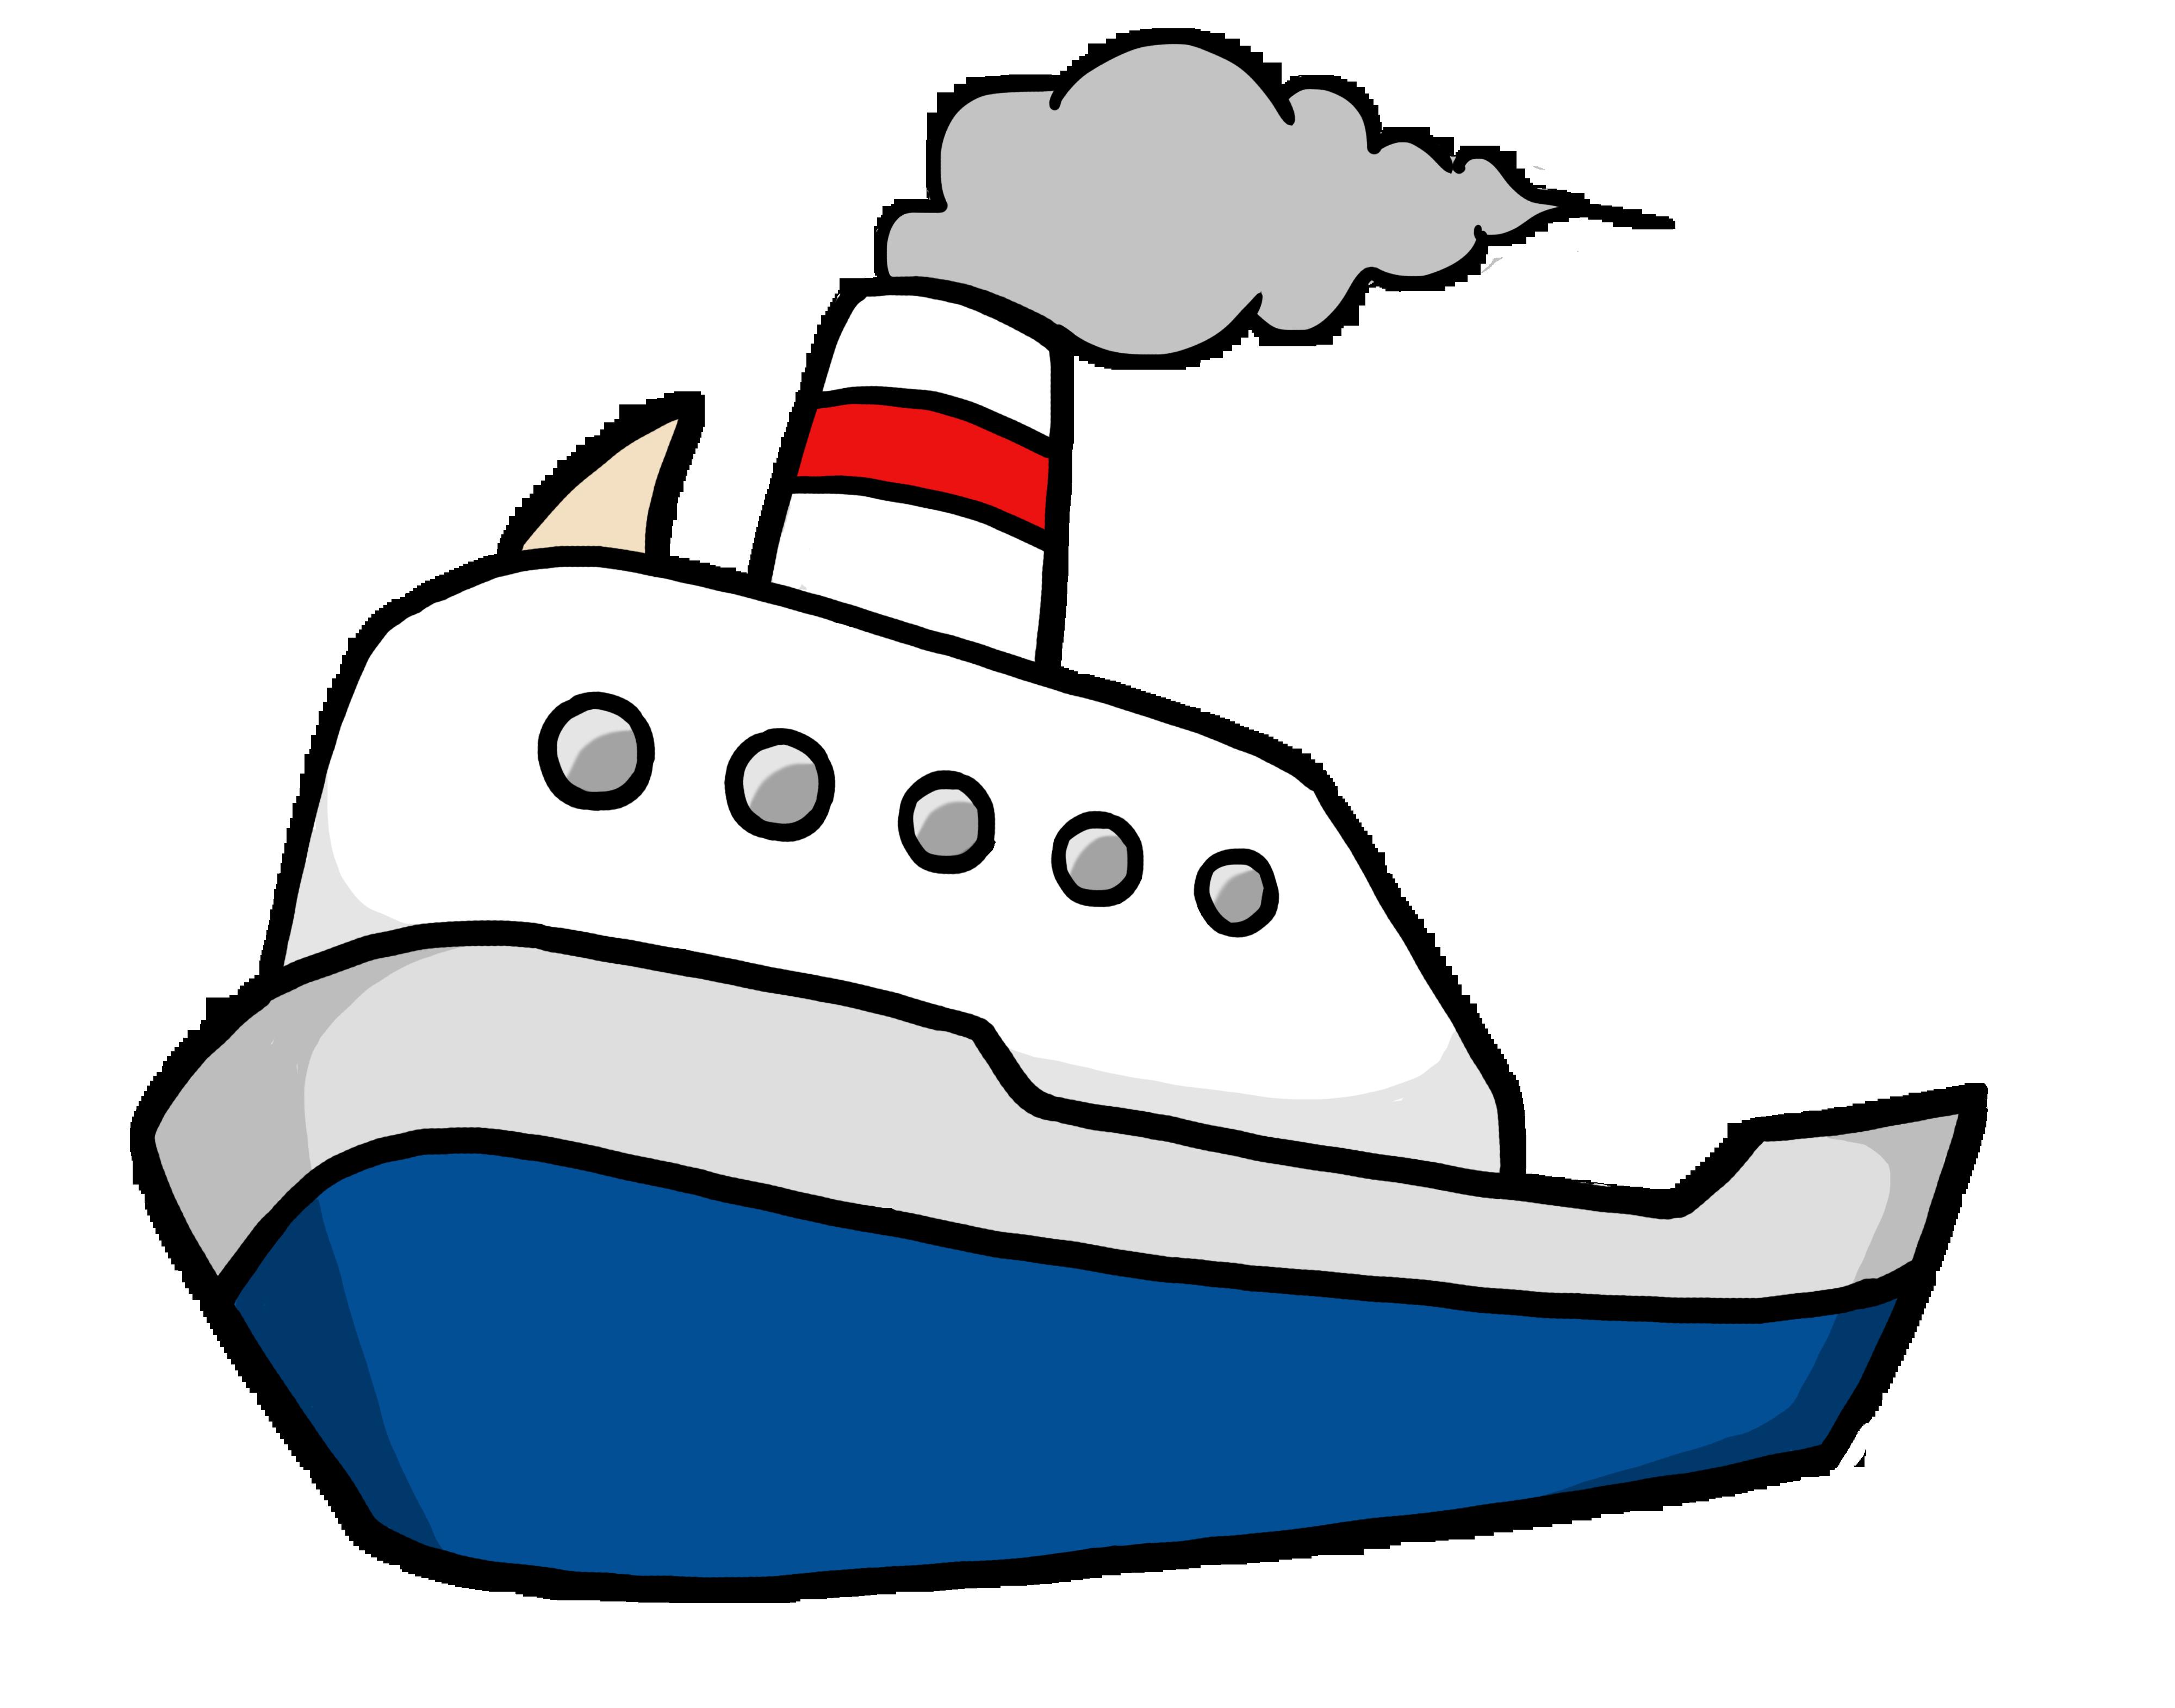 Row Boat Cartoon Clipart - Clipart Kid